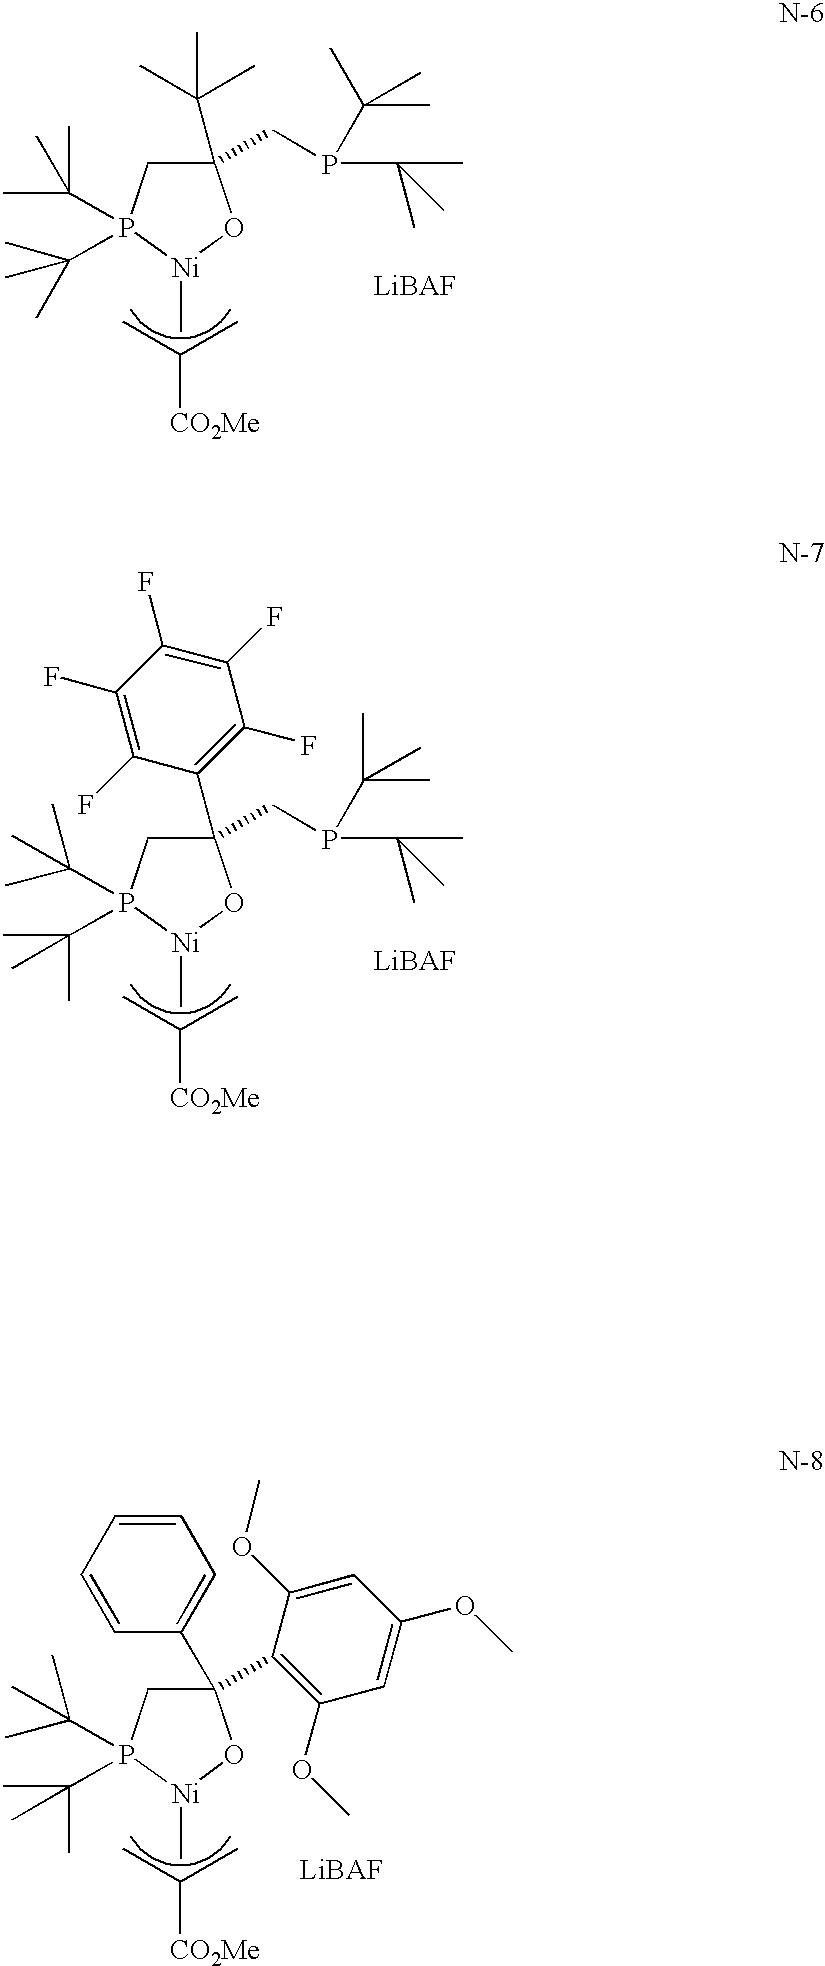 Figure US20030130452A1-20030710-C00012